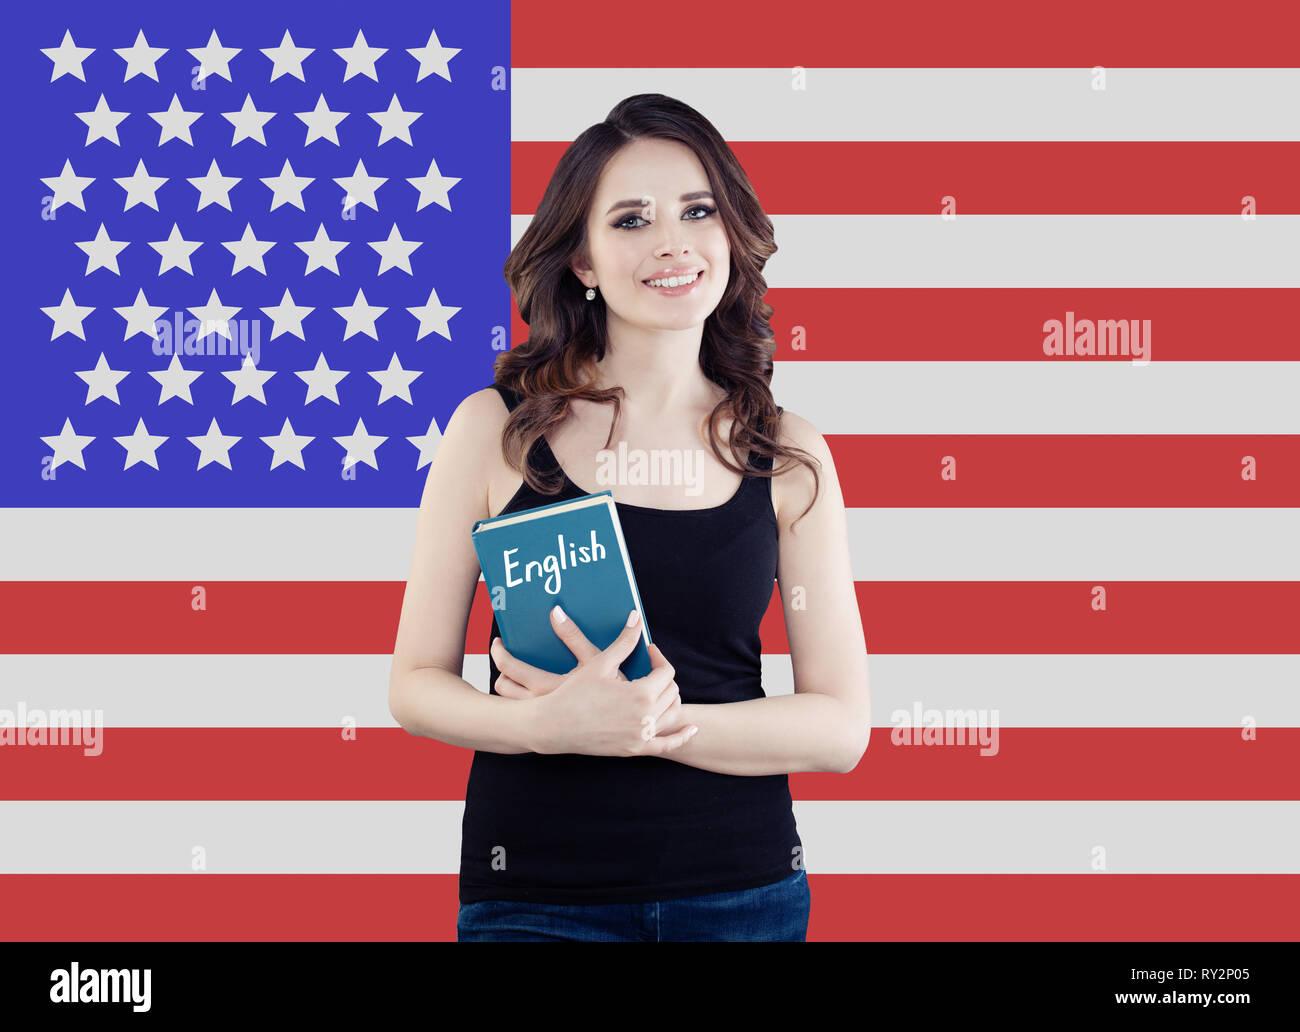 Usa Konzept Mit Recht Glucklich Studentin Portrait Gegen Die